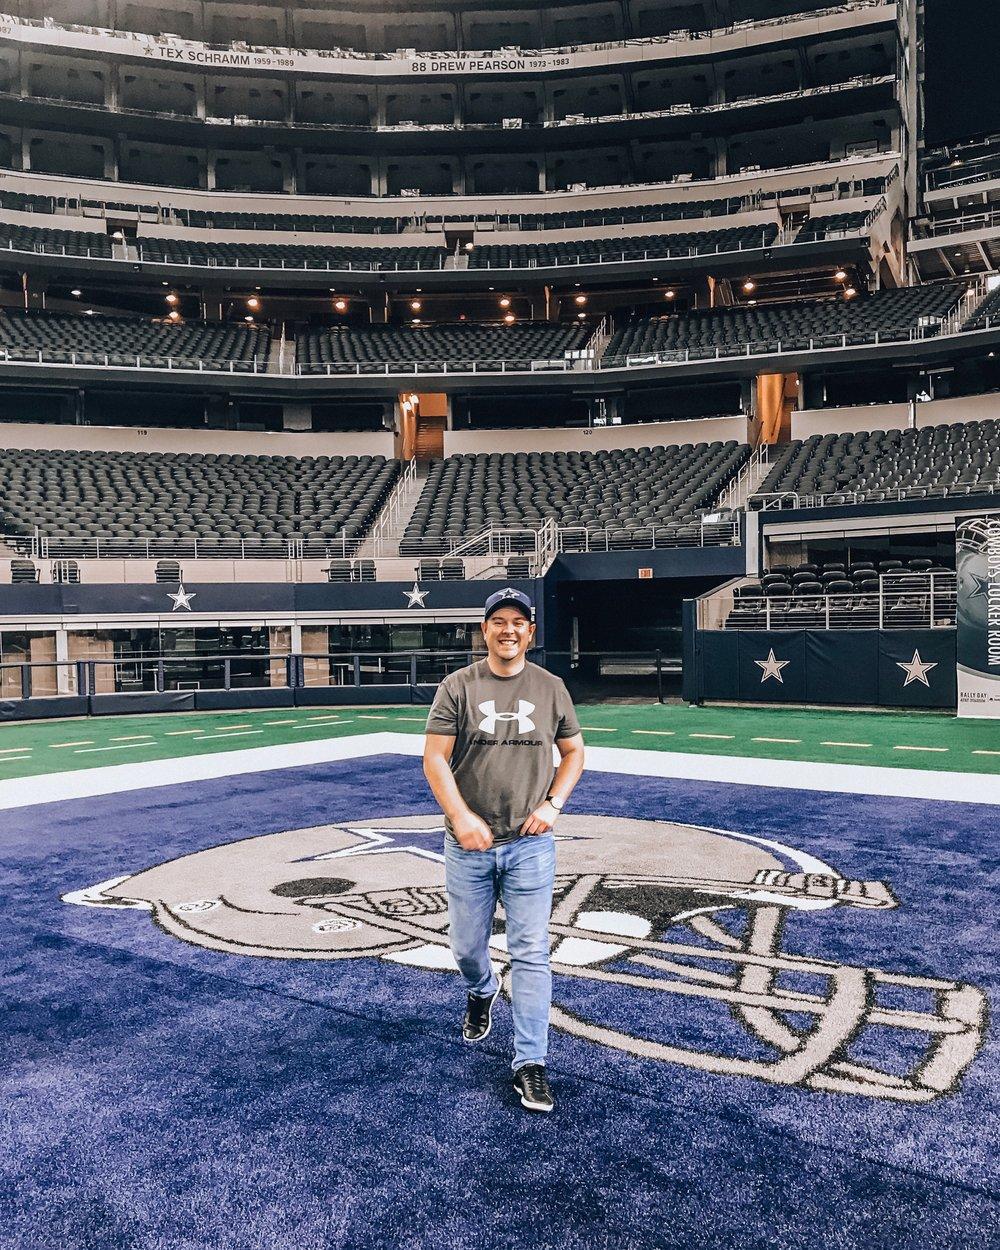 ATT Stadium in Dallas, Texas